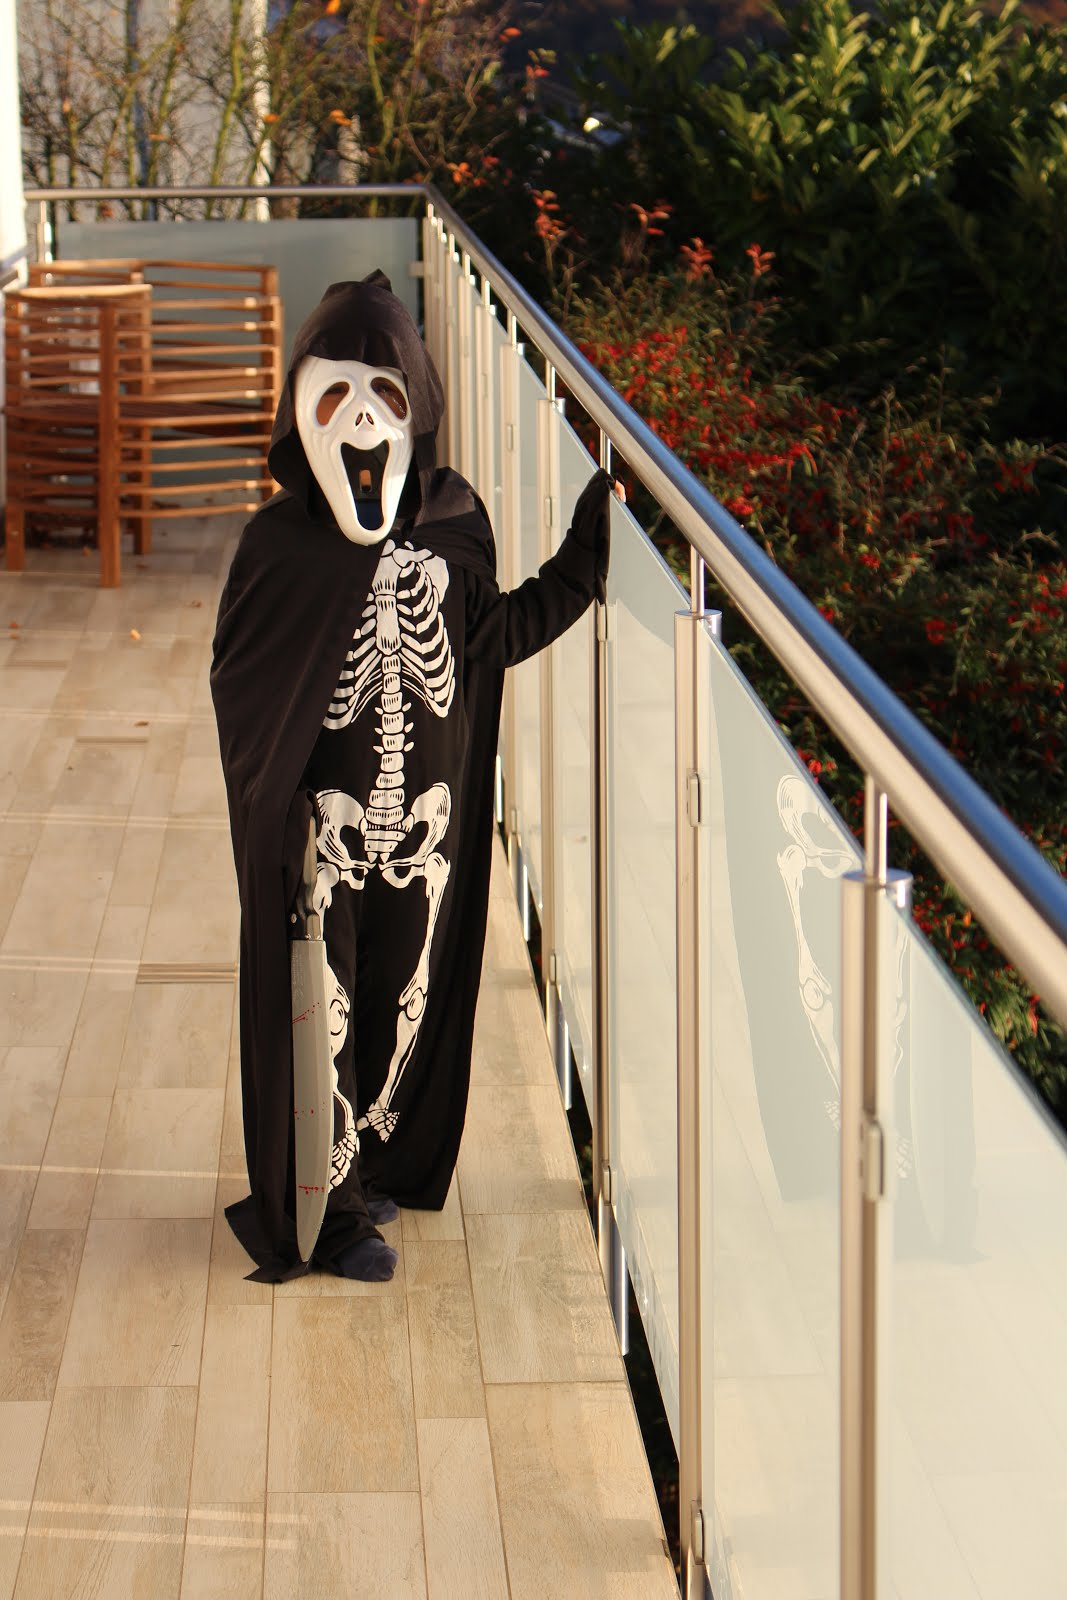 Jo ist verkleidet: Happy Halloween!